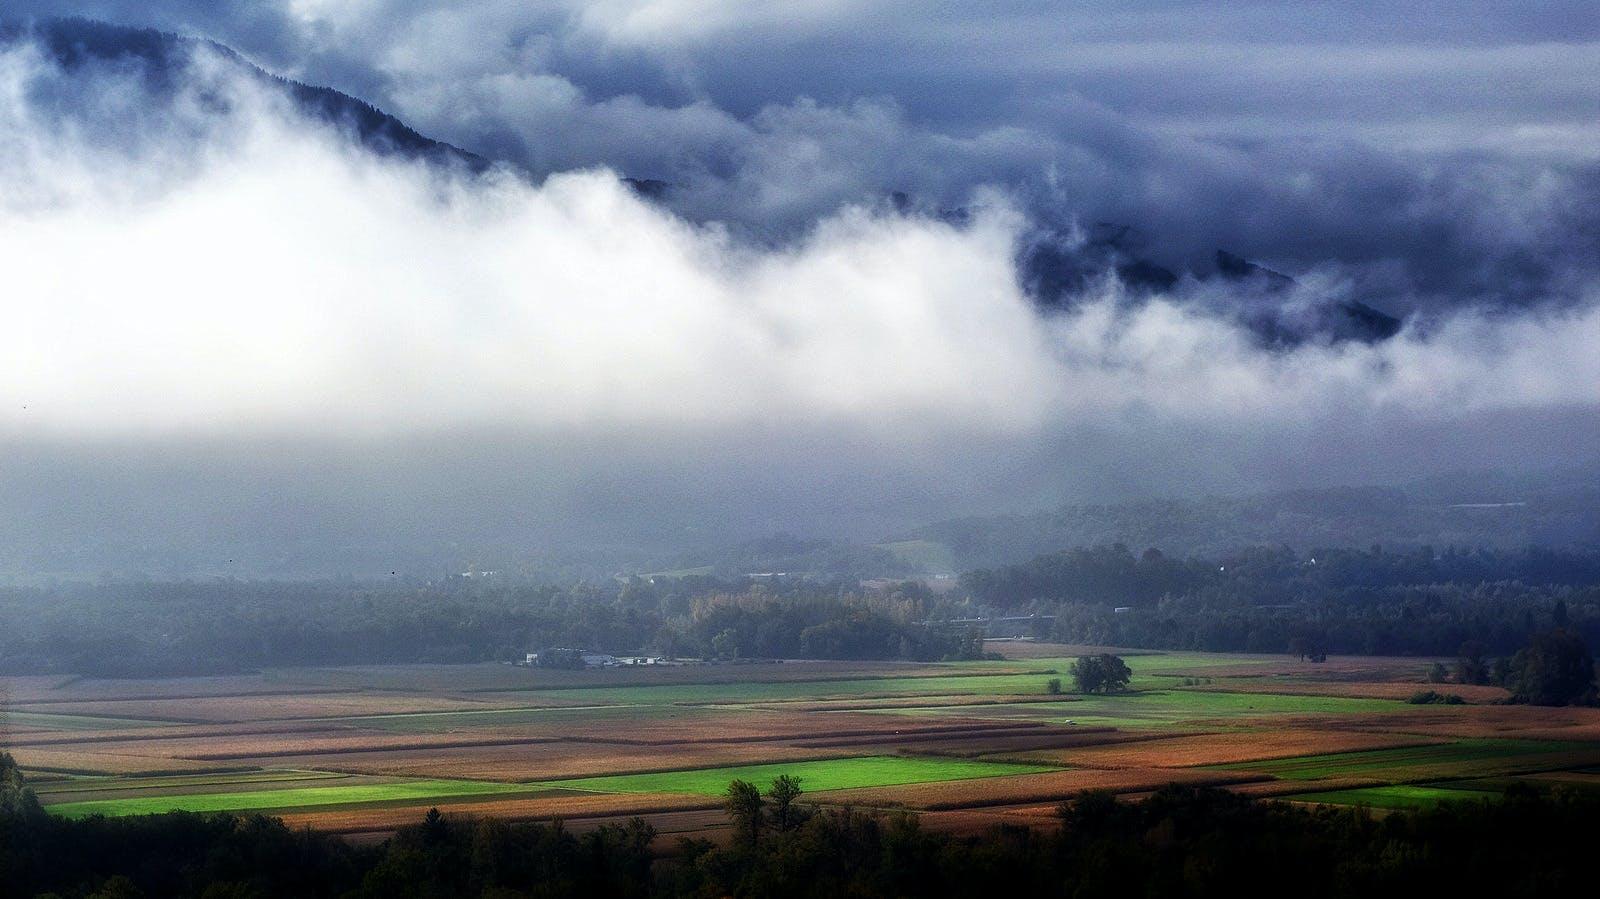 フィールド, 山, 畑, 絶景の無料の写真素材